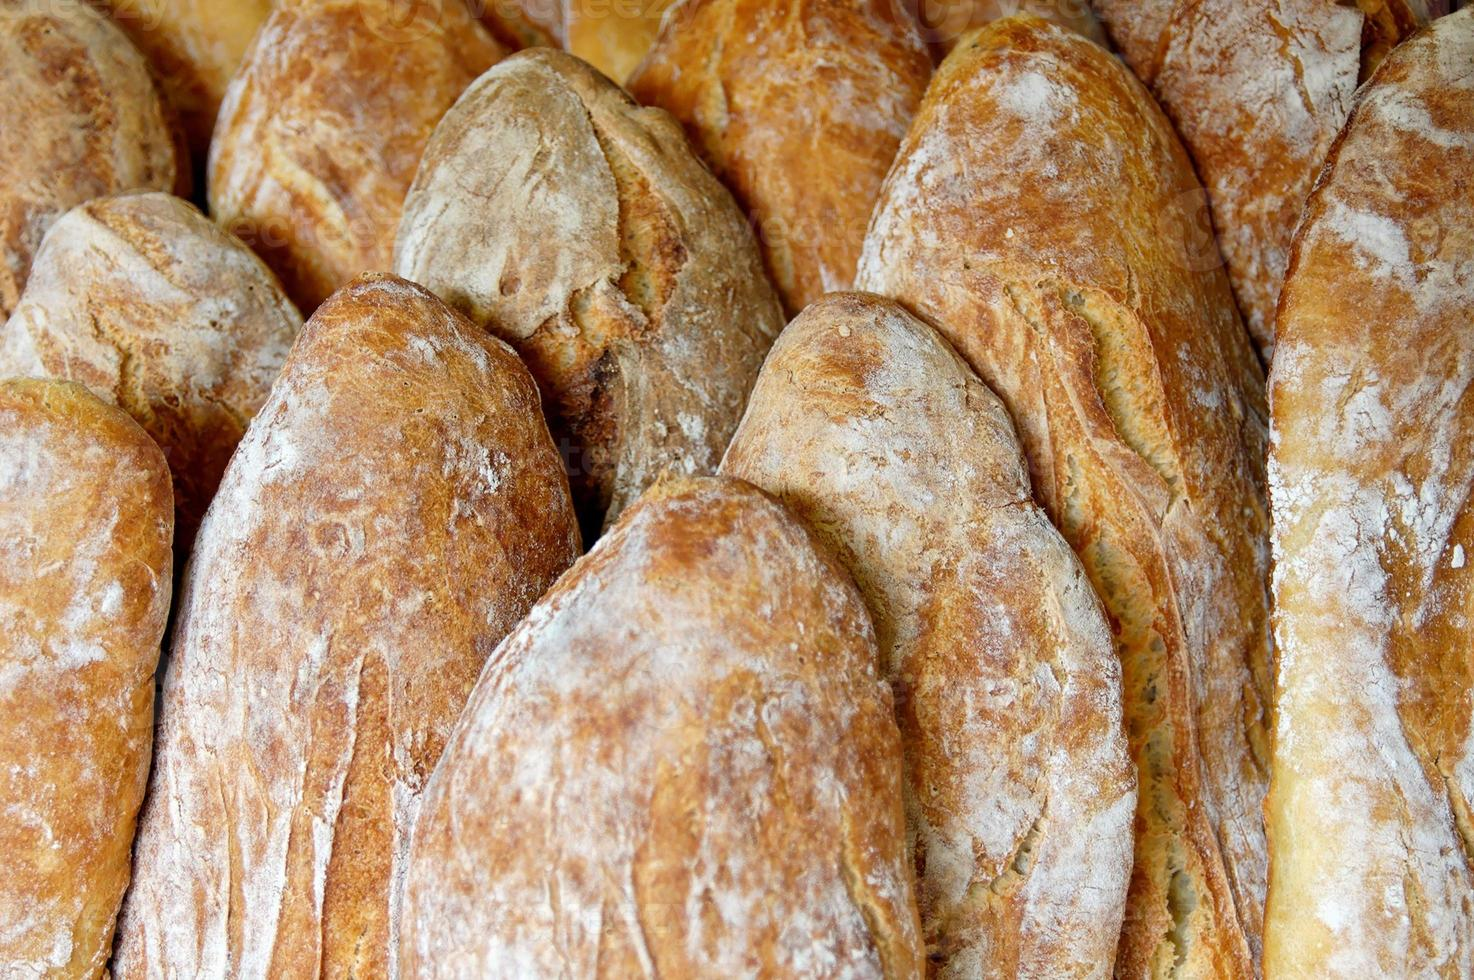 großes französisches Brot in Familiengröße foto